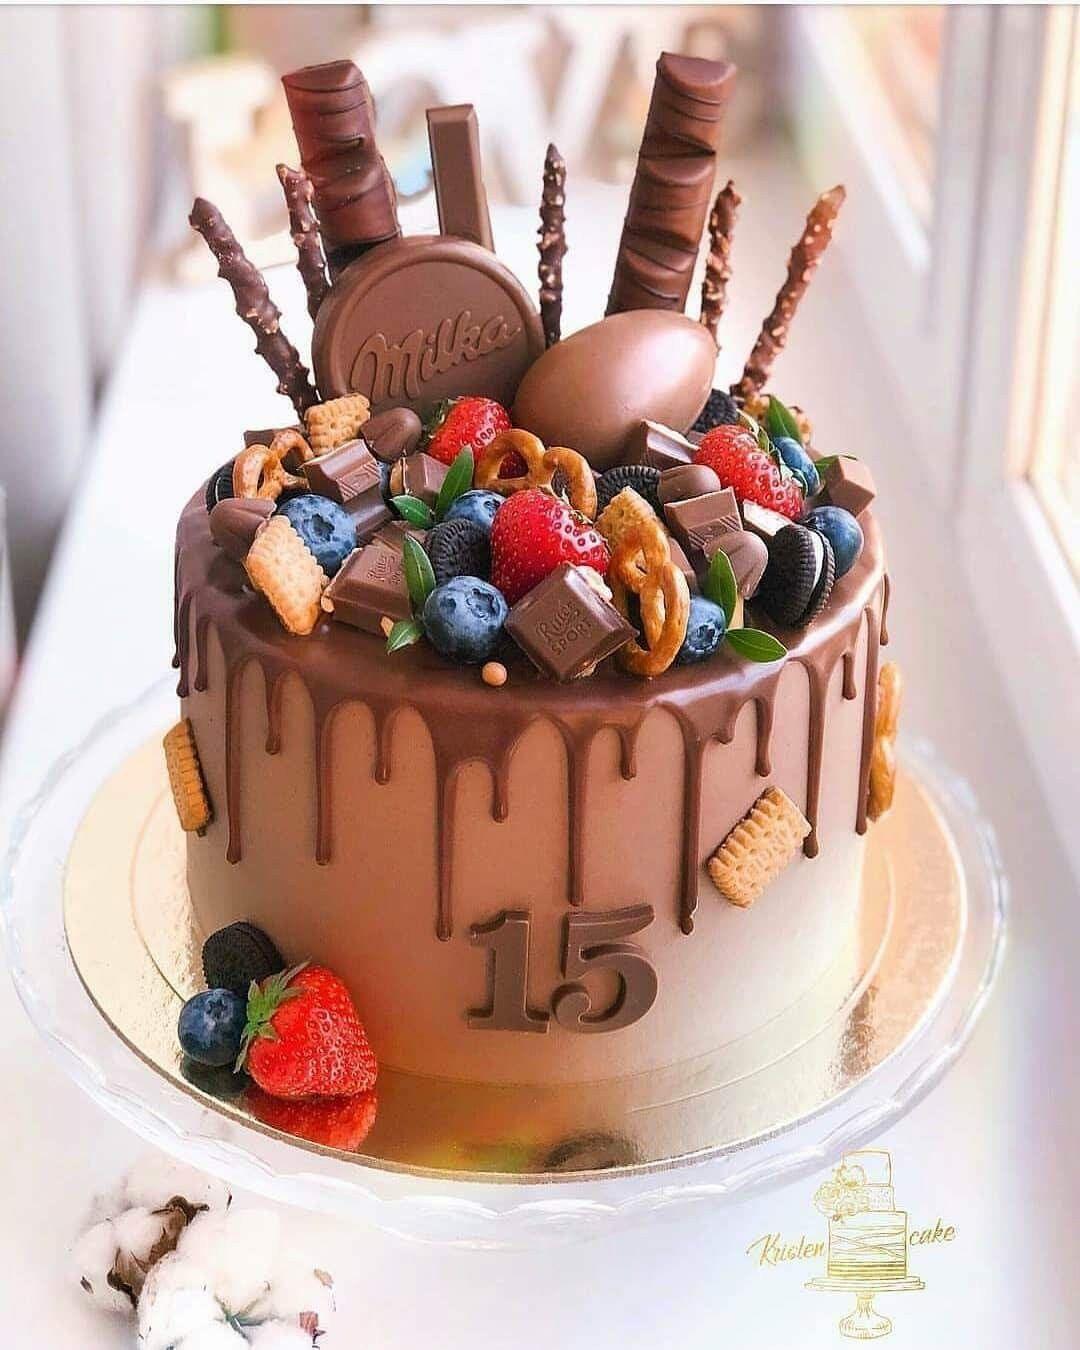 Bolo De Aniversario 15 Anos Com Imagens Bolo Drip Cake Bolo